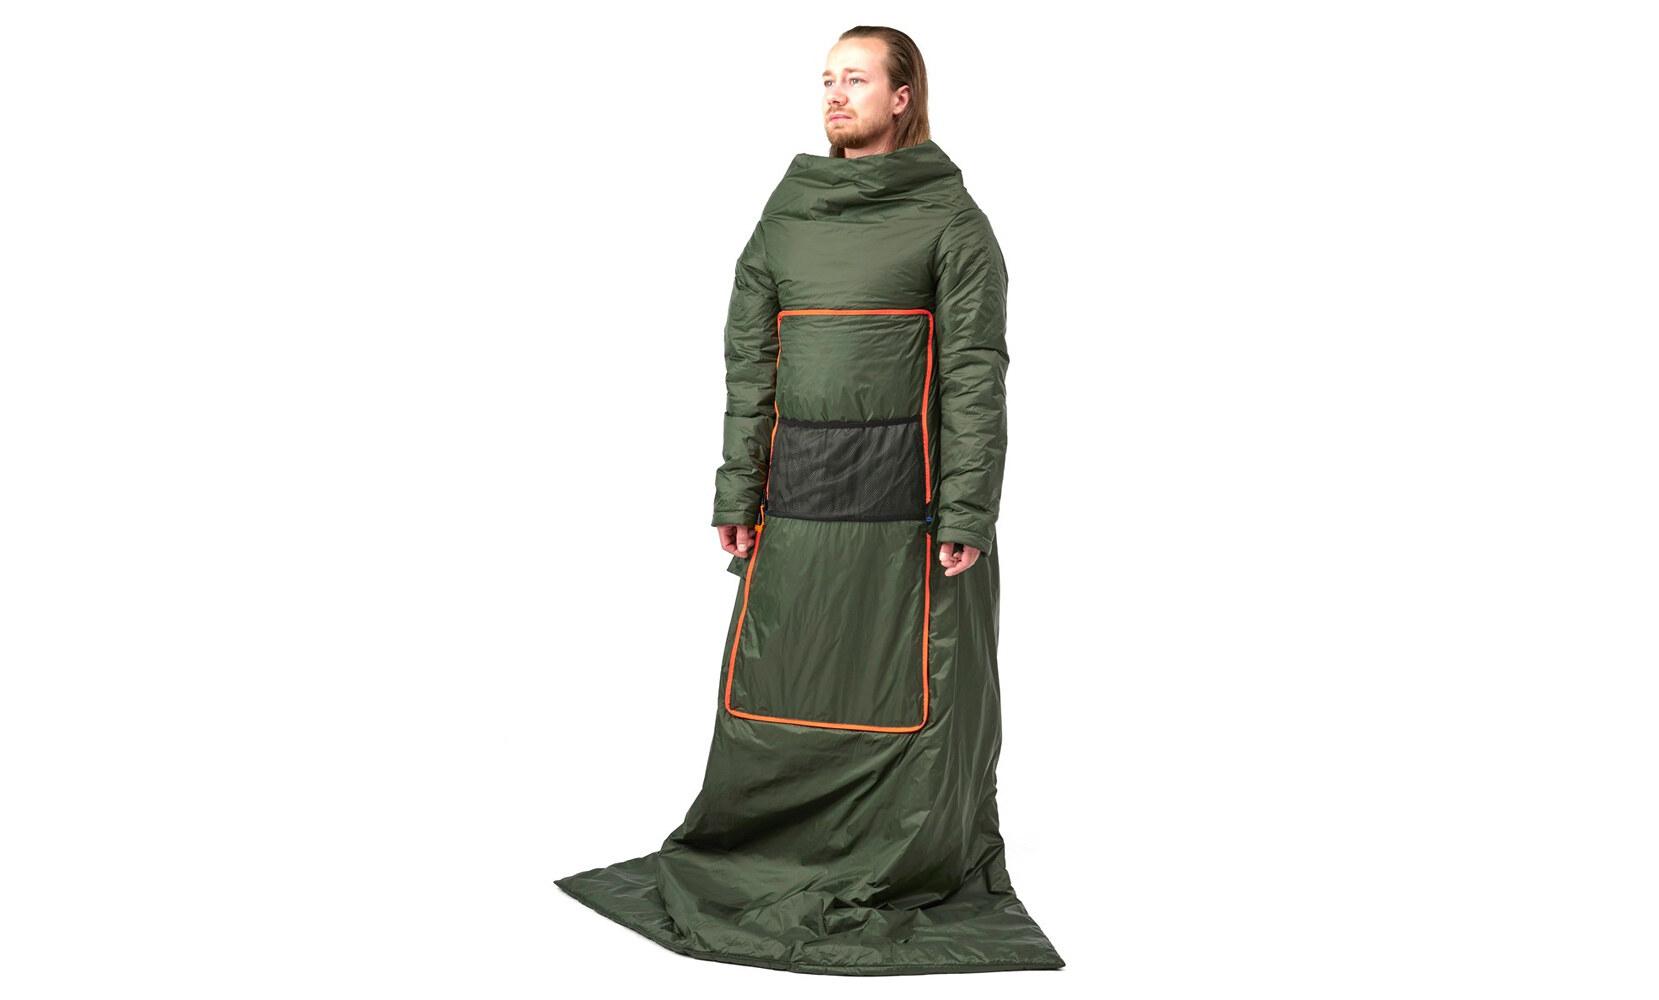 ikea-faltmal-cuscino-vestito